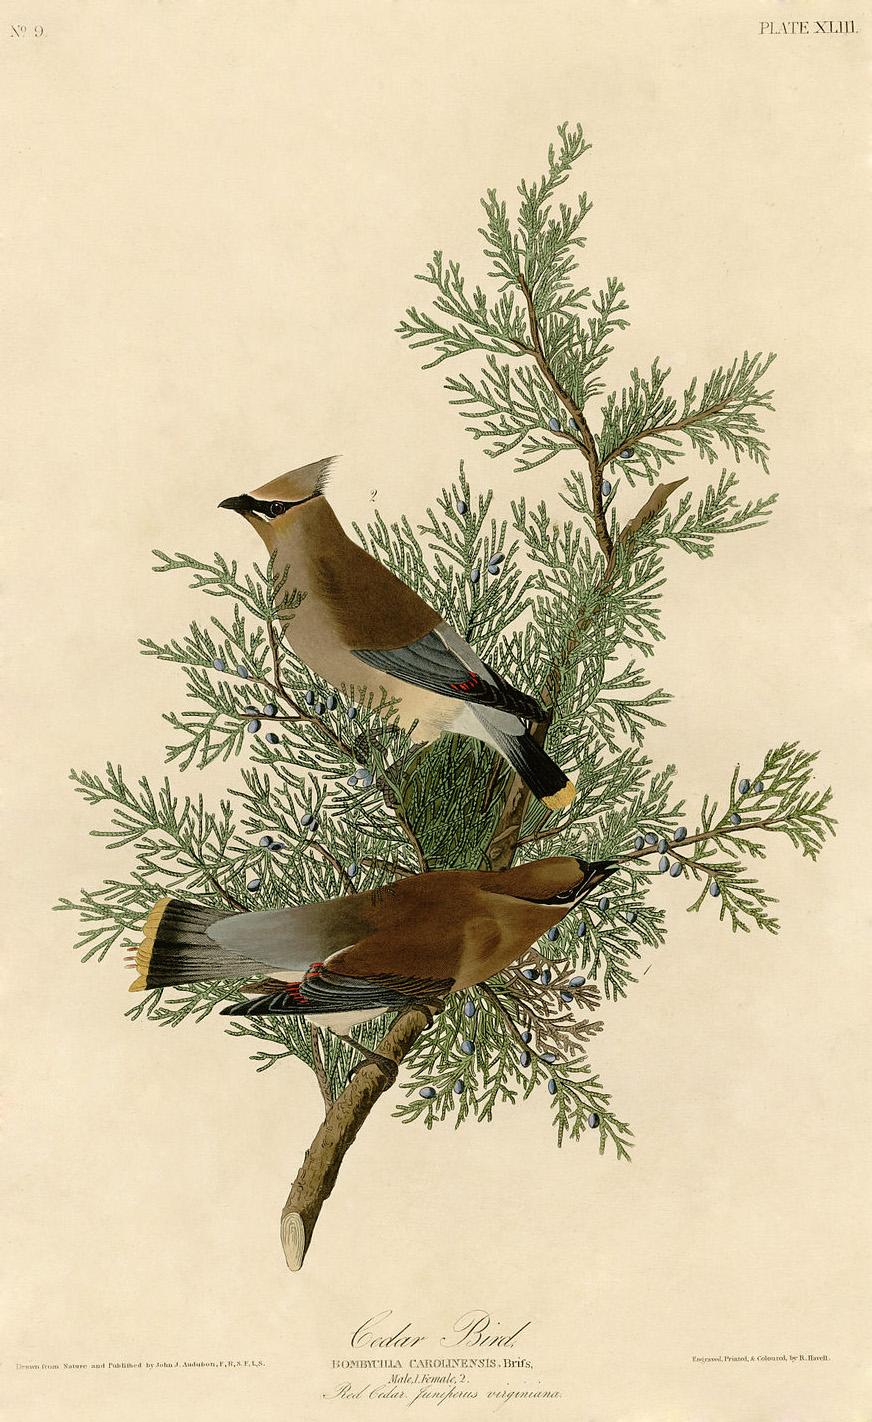 Cedar Bird, par Aududon